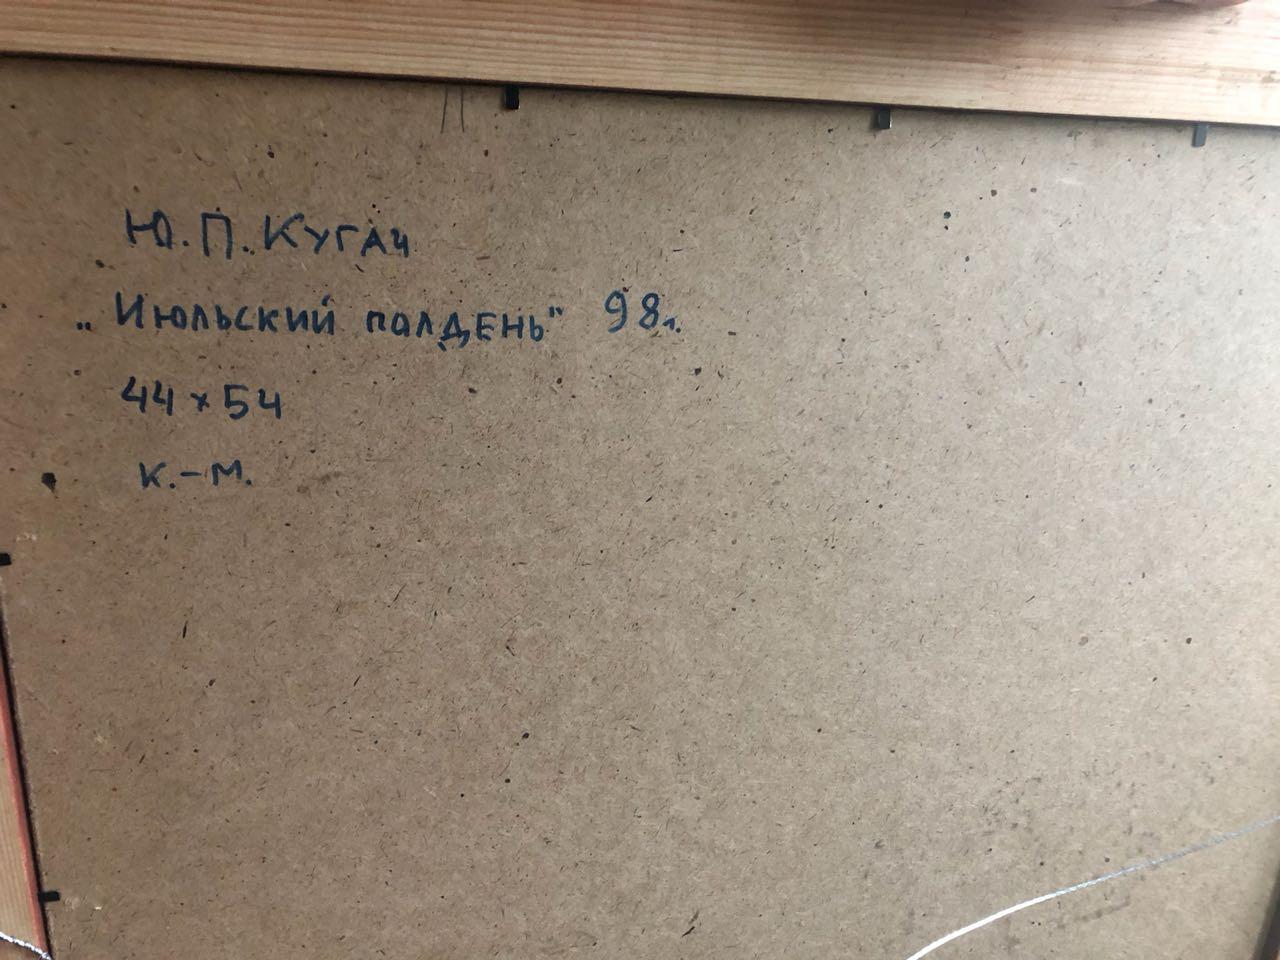 Оборот. Кугач Юрий Петрович. Июльский полдень